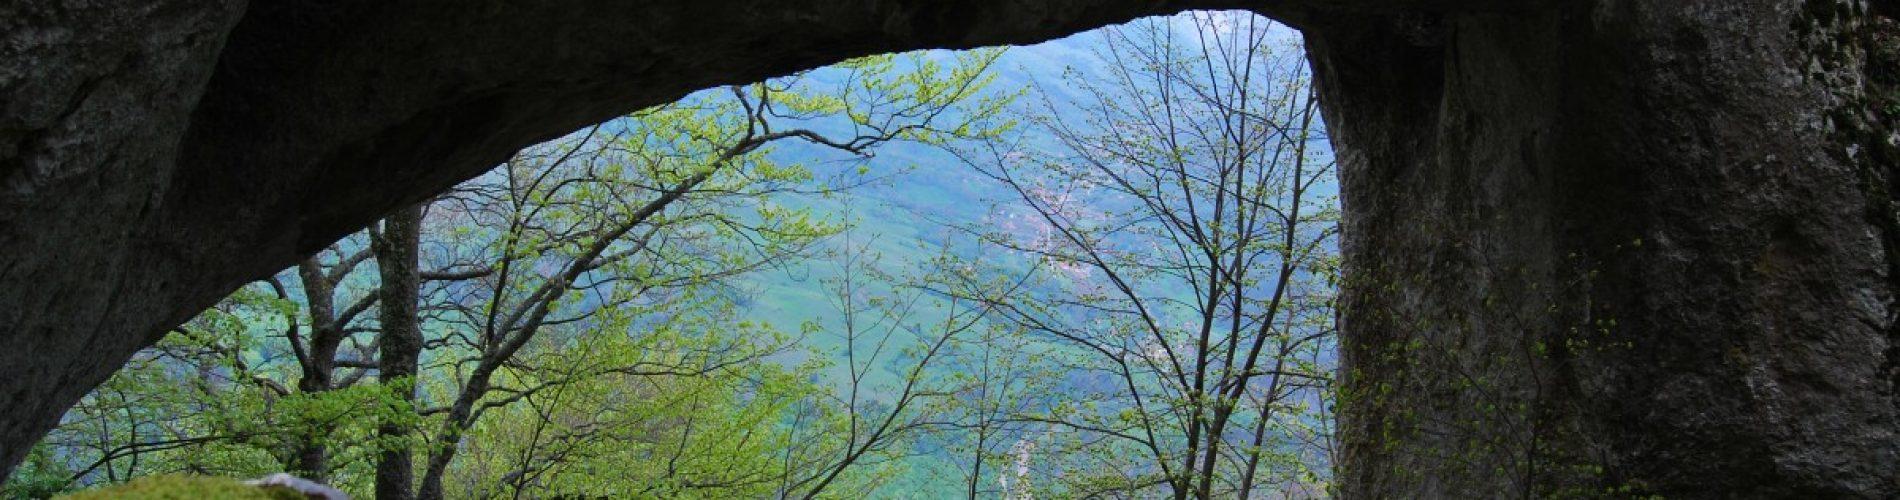 Peșteri de legenda, locuri din piatră care spun povești ce te înfioară